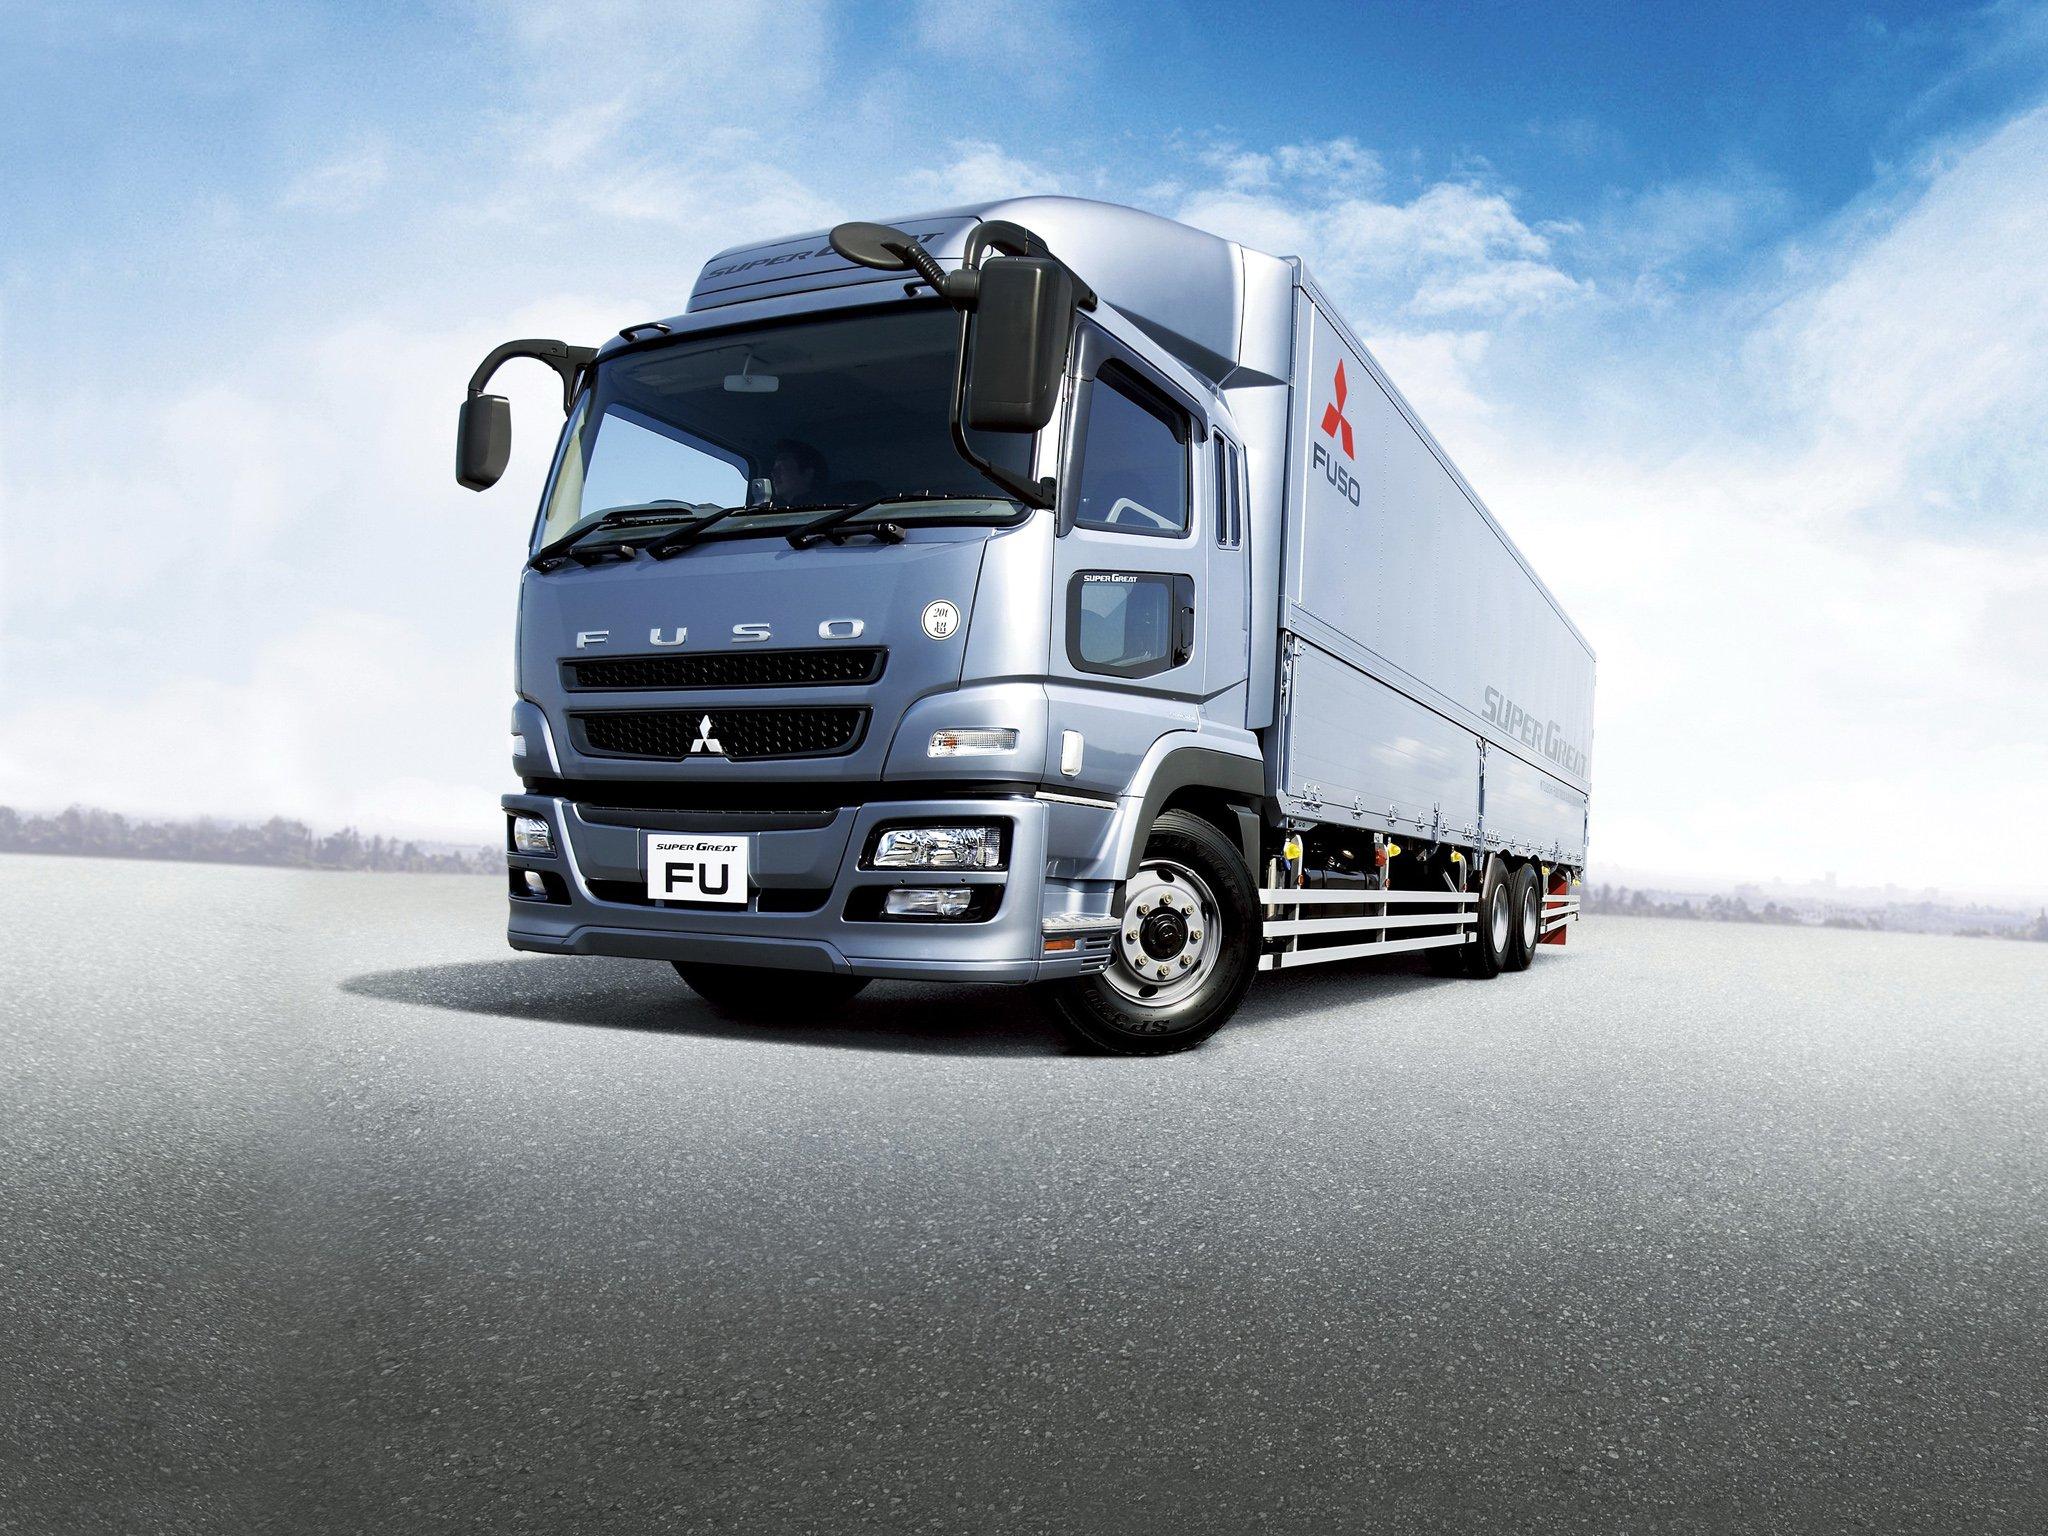 2012 Mitsubishi Fuso Super Great semi tractor truck